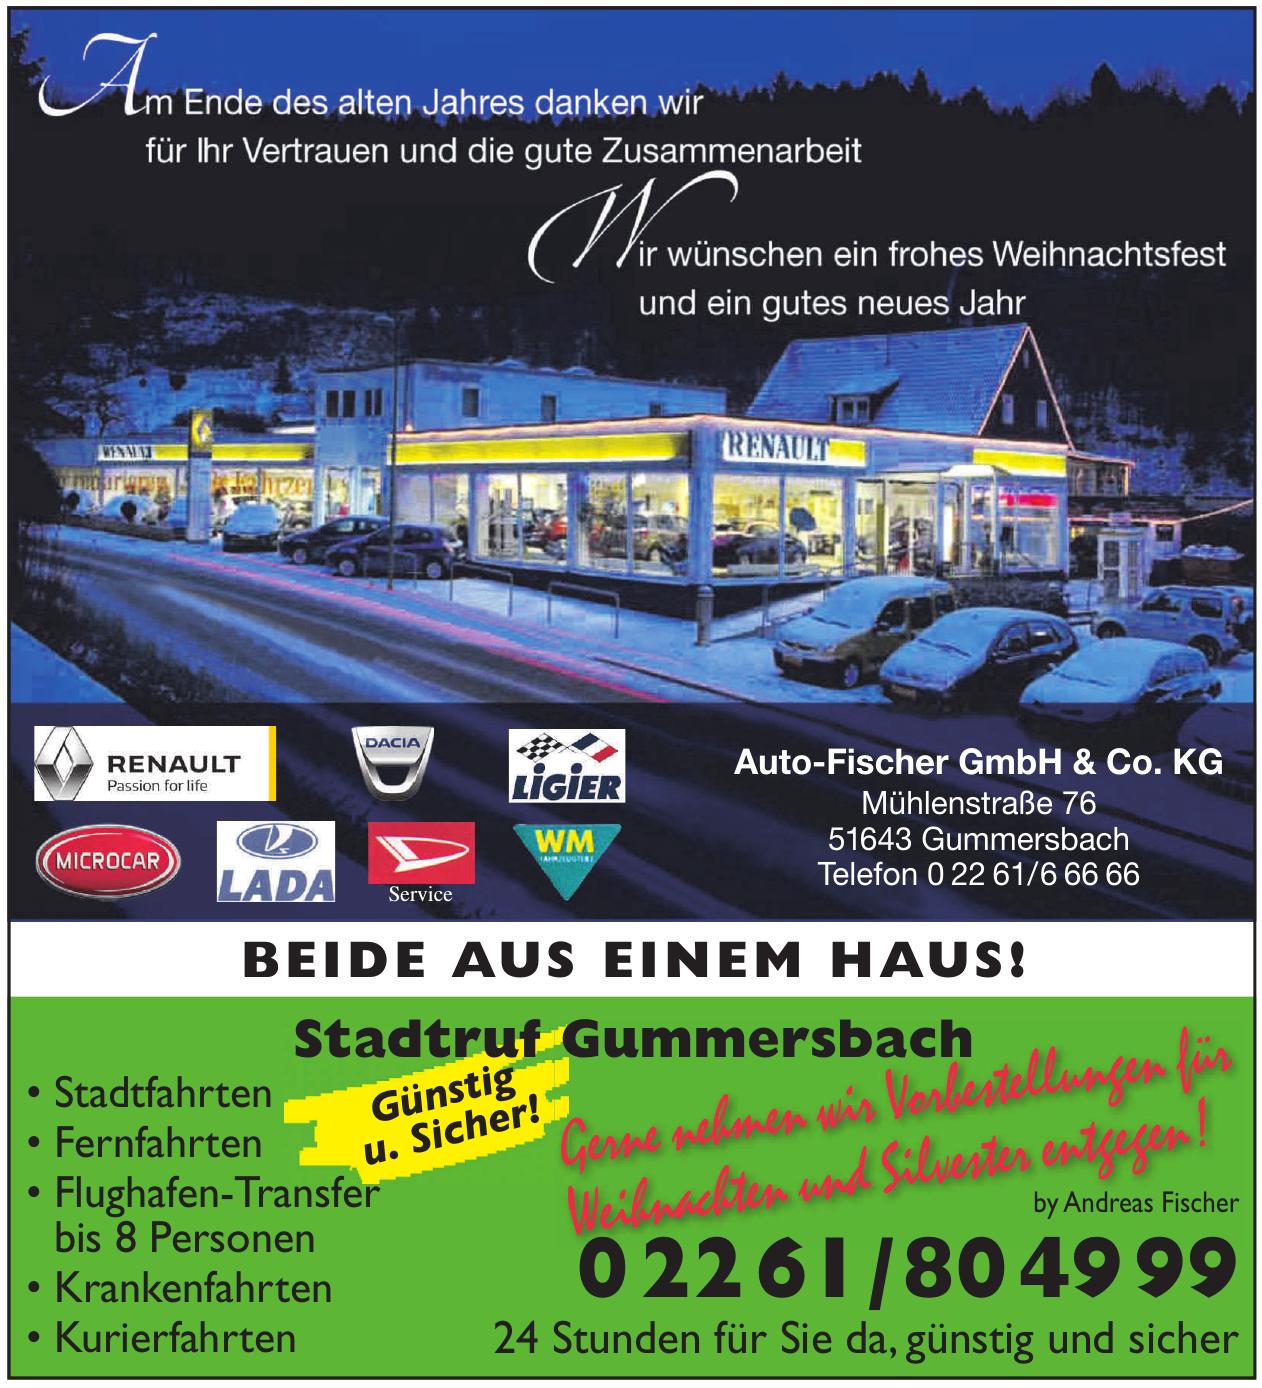 Auto-Fischer GmbH & Co. KG